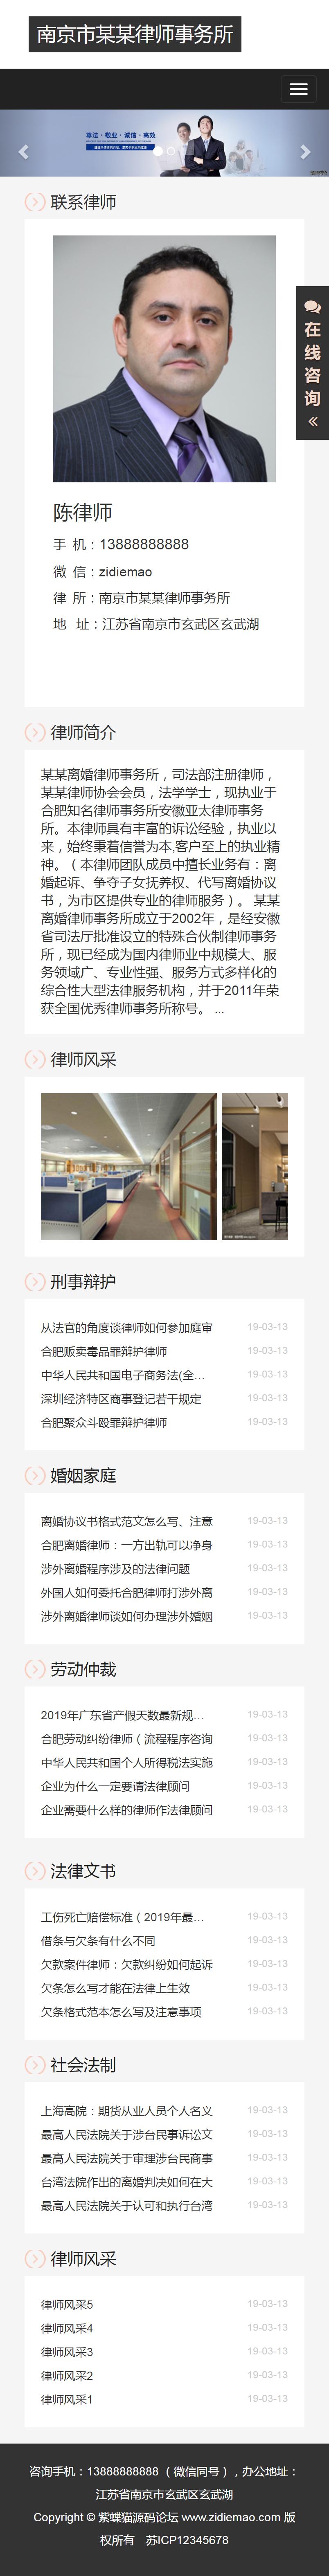 个人网站模板下载